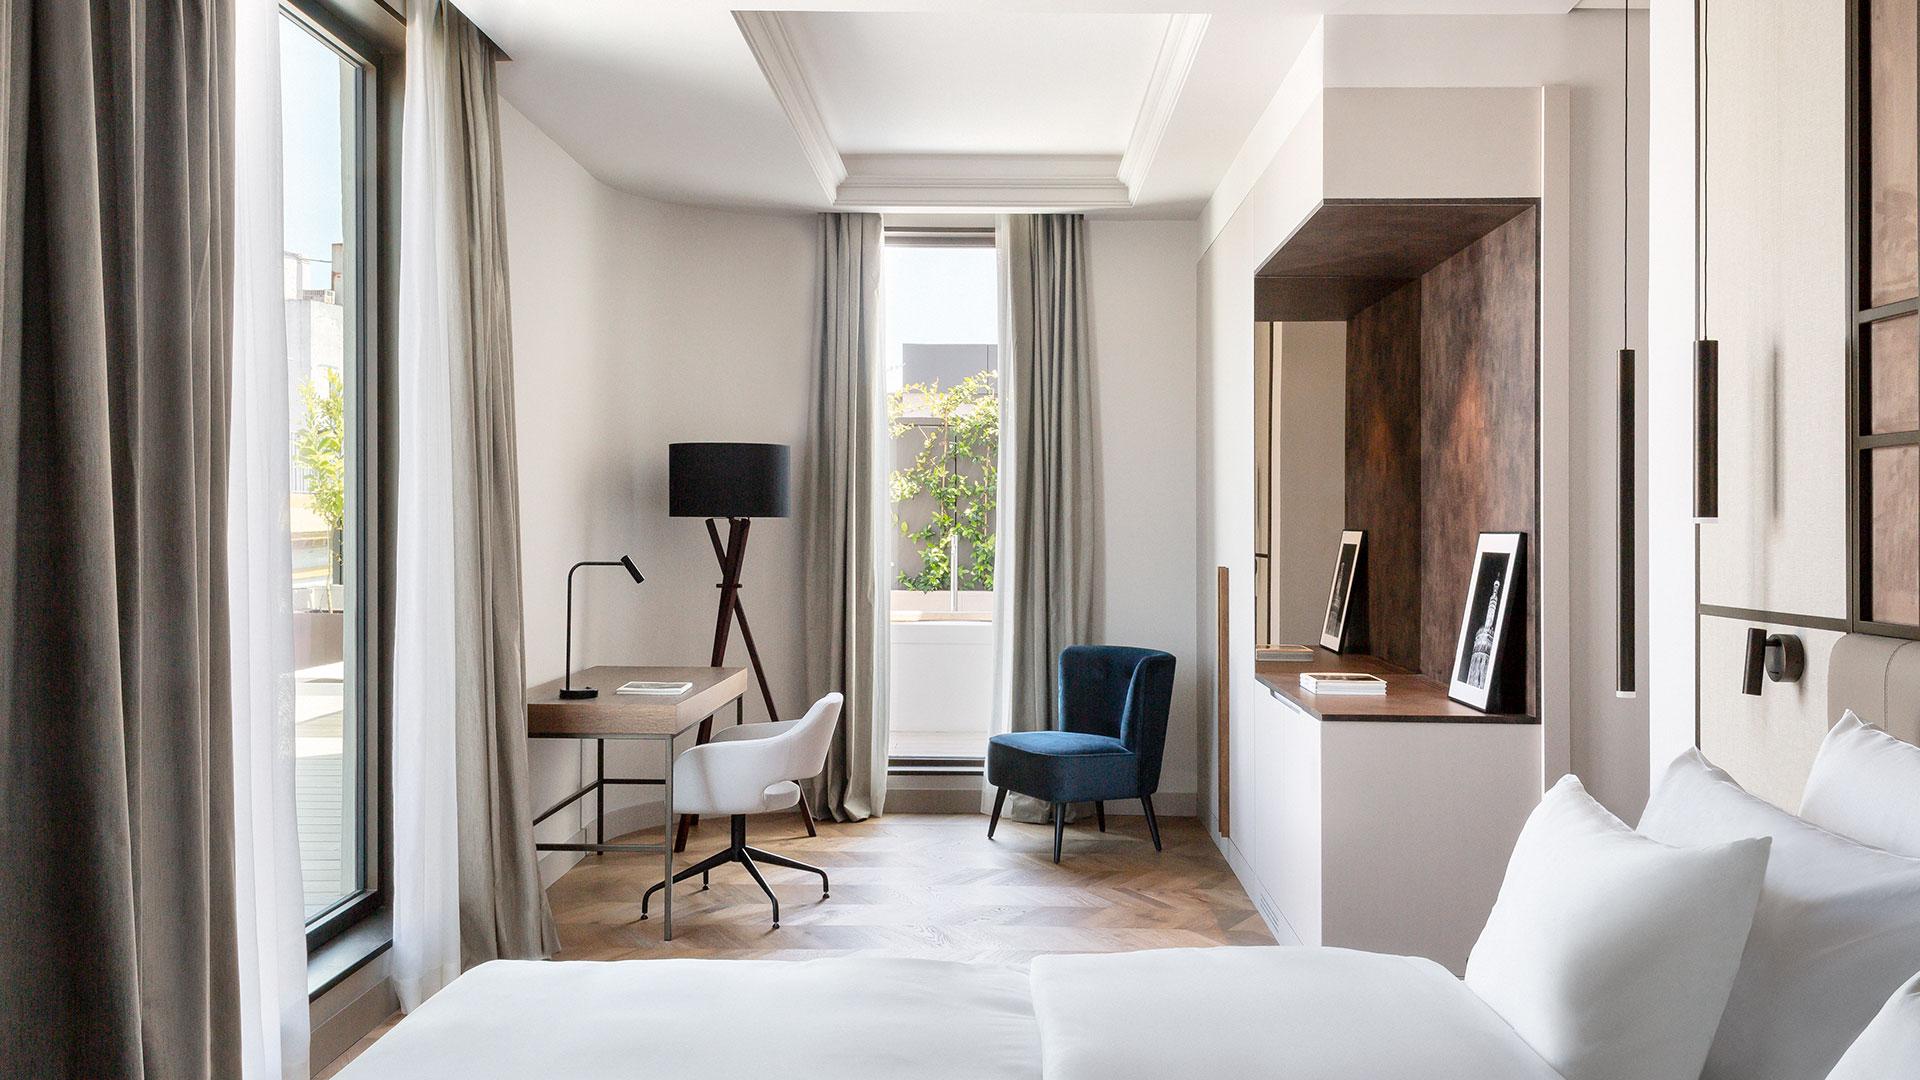 Imagen del hotel Radisson Sevilla